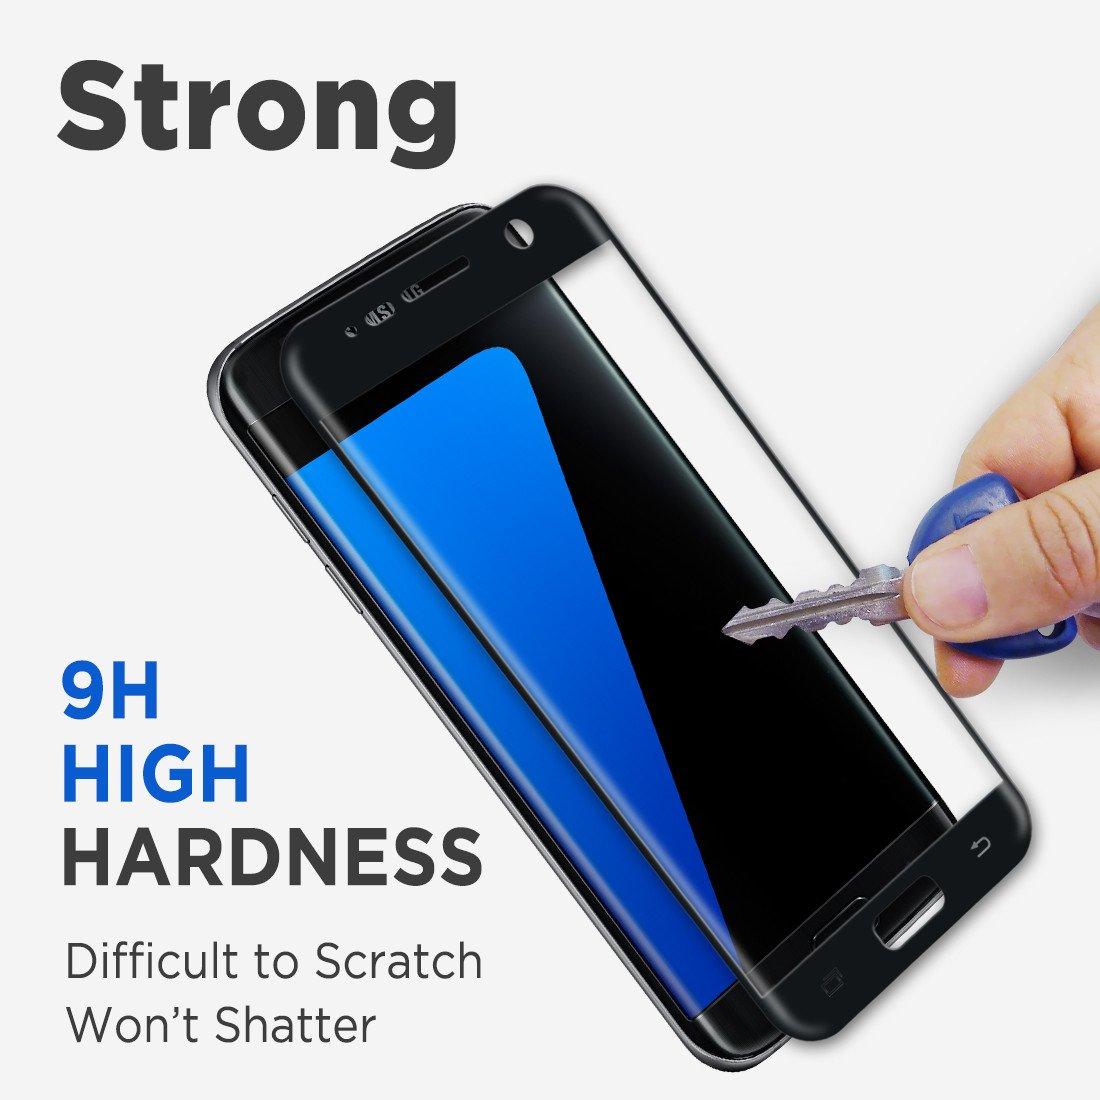 Galaxy S7 Edge.